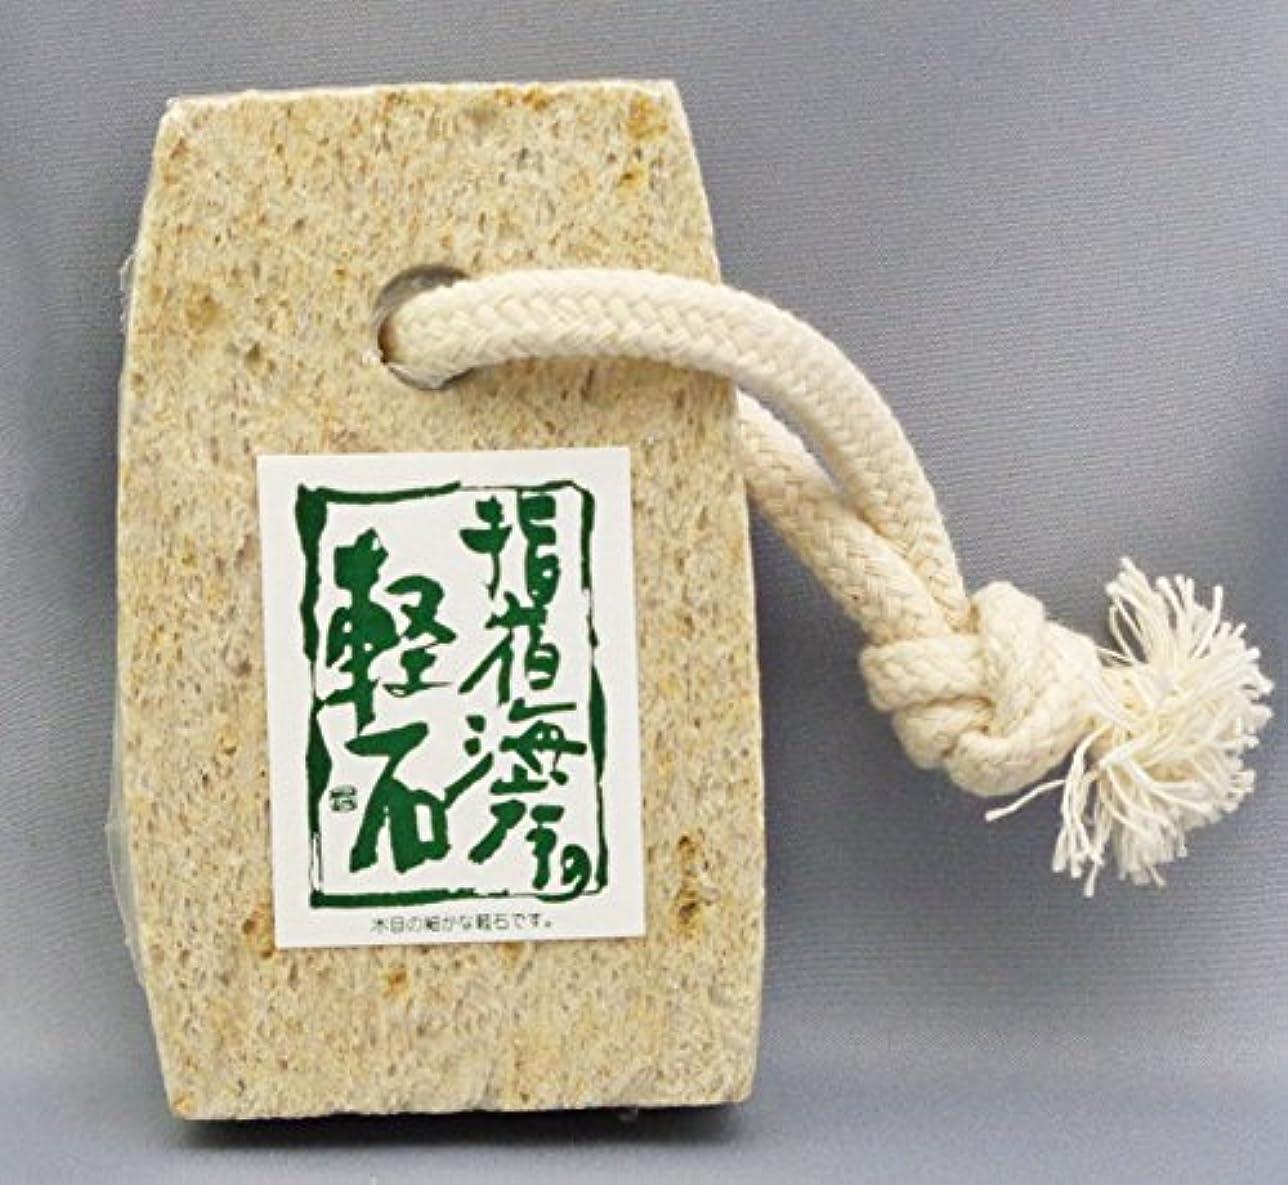 足音応答実行可能シオザキ No.3 中判軽石 (ヒモ付き)指宿の軽石